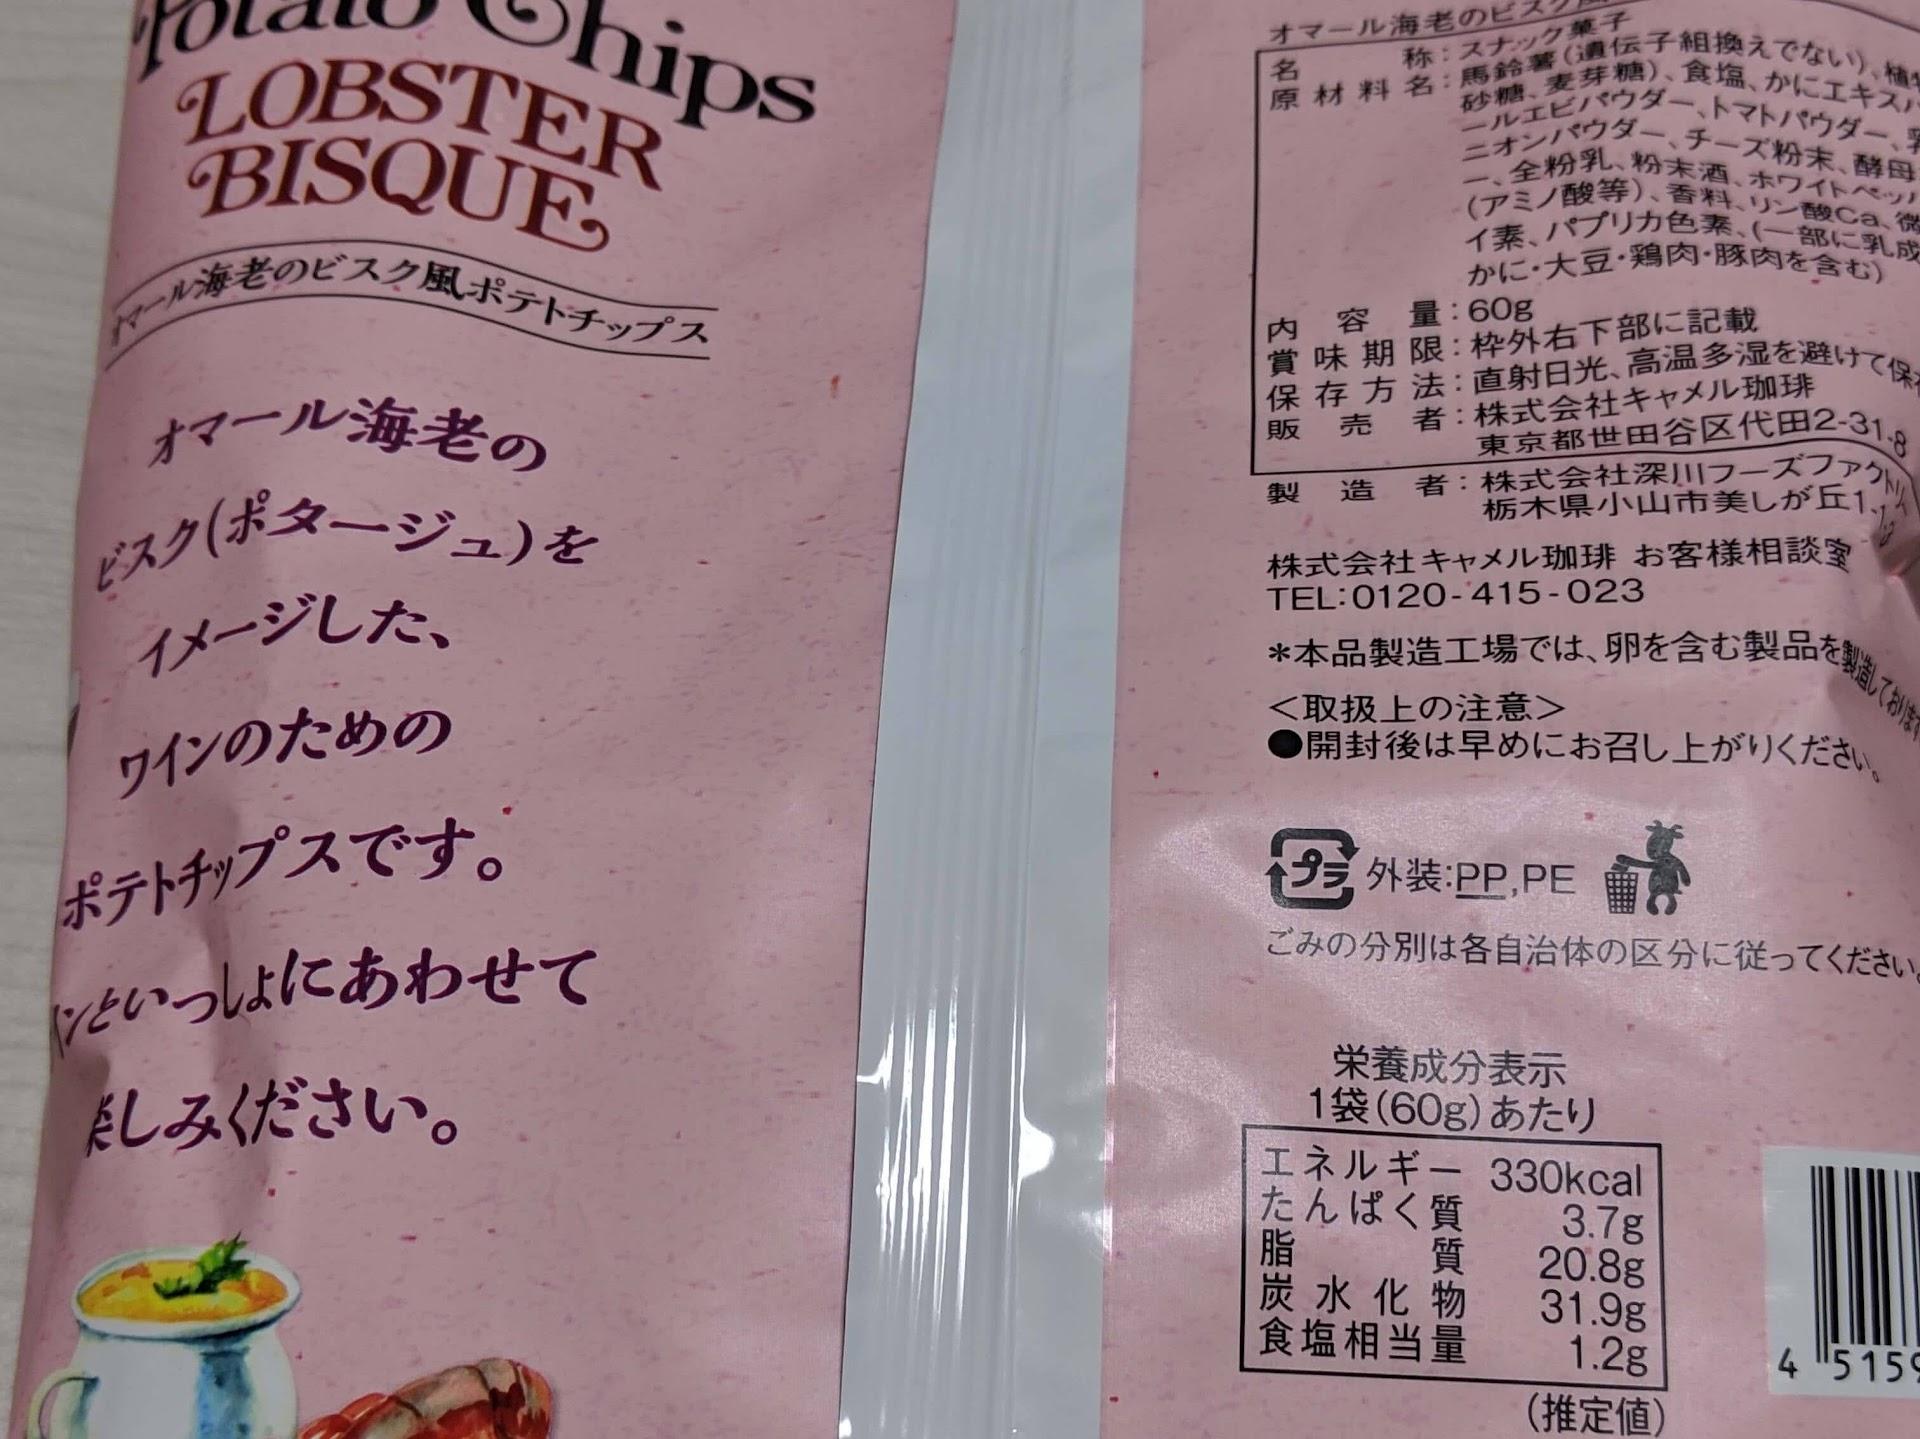 カルディ オマール海老のビスク風ポテトチップス 栄養成分表示